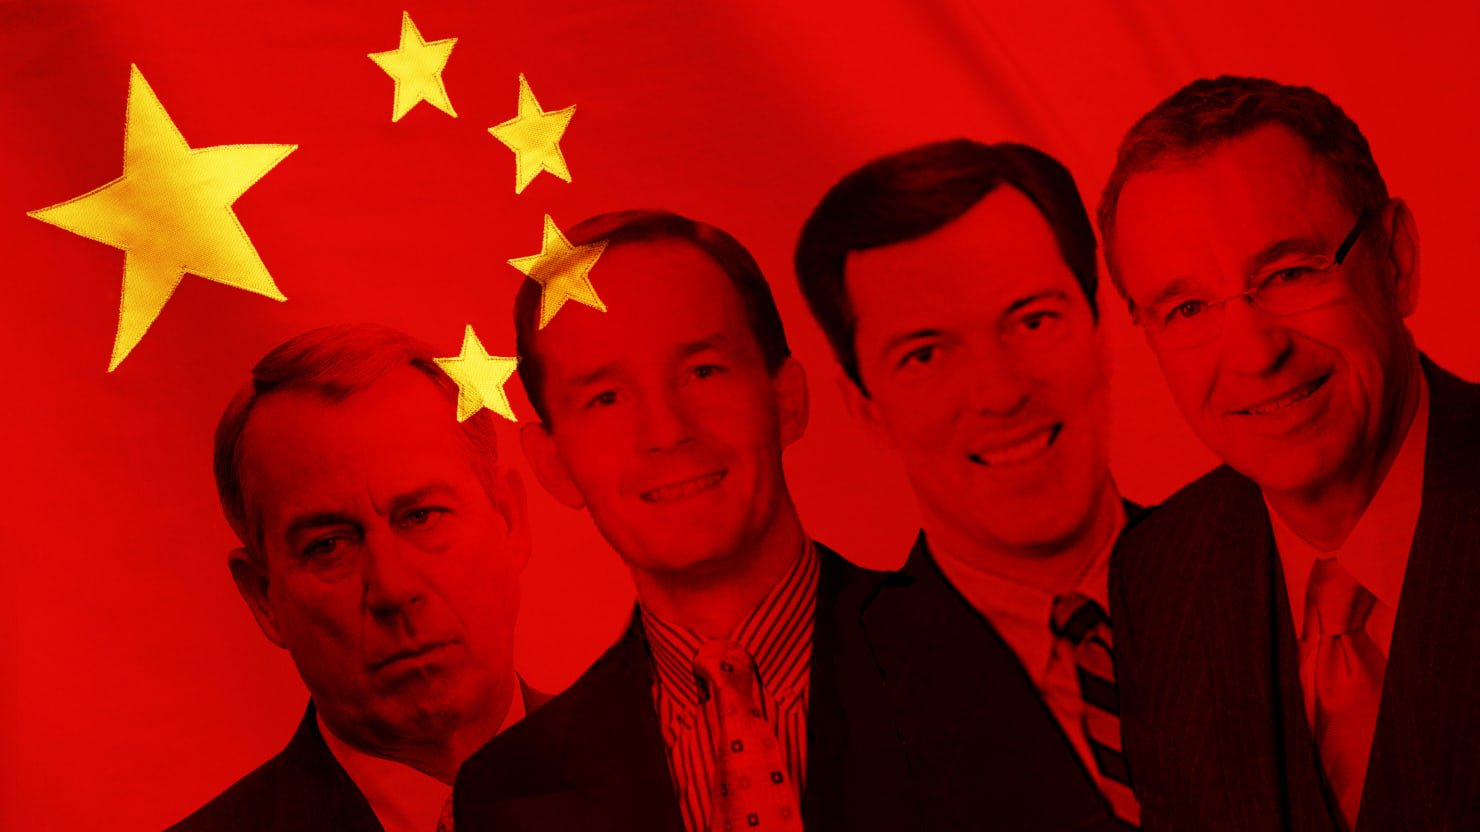 《每日野兽》起底带路党:这些前美国官员现在为中国游说